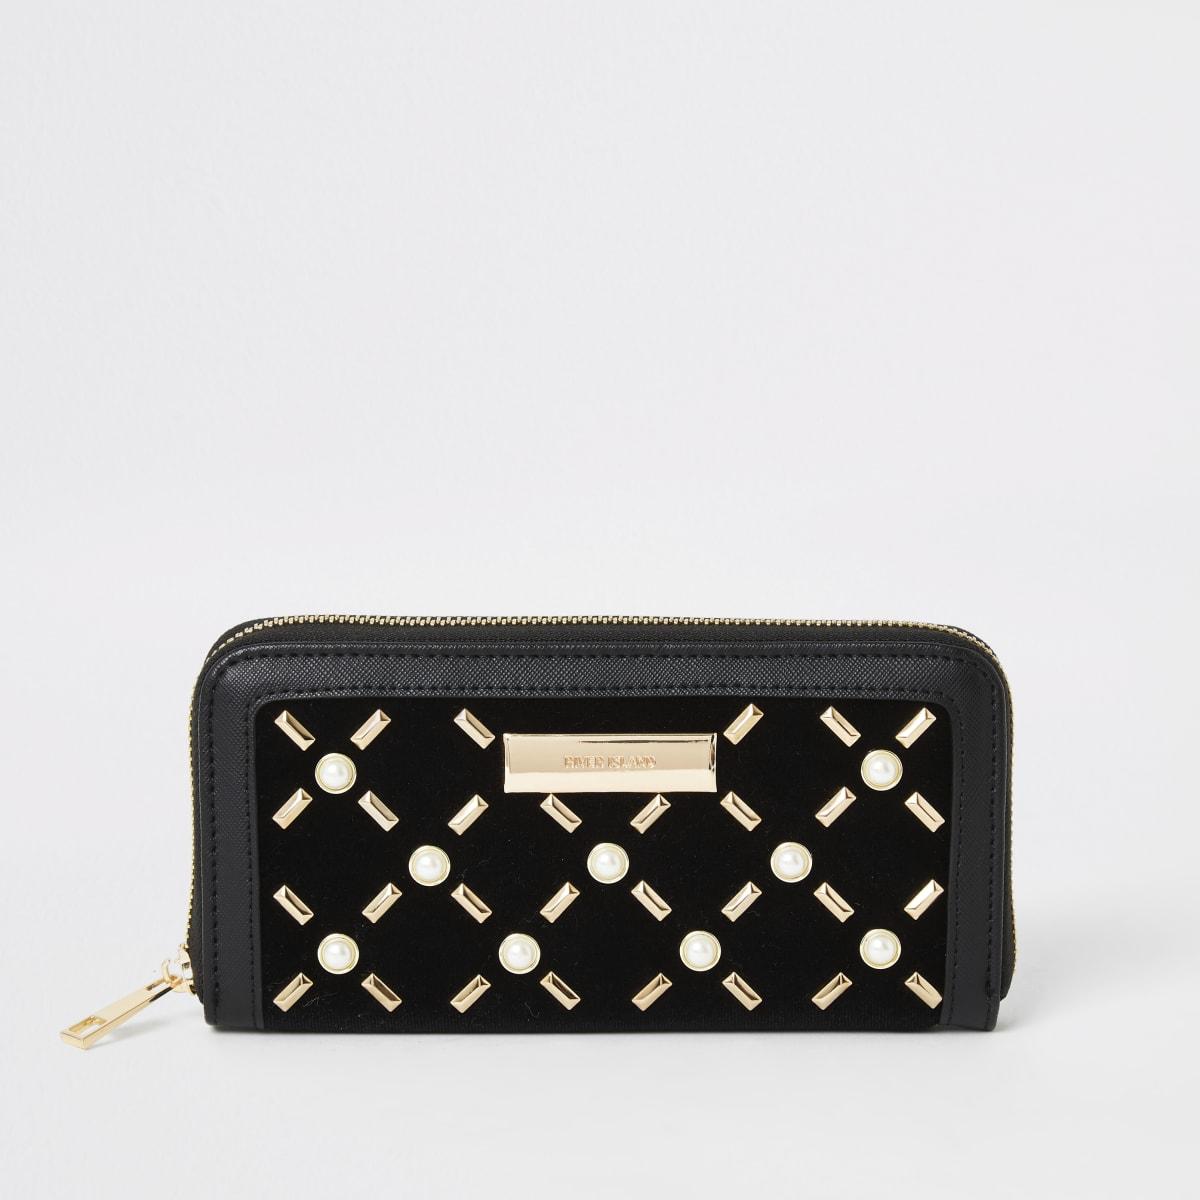 Zwarte portemonnee met rits rondom en parelstuds